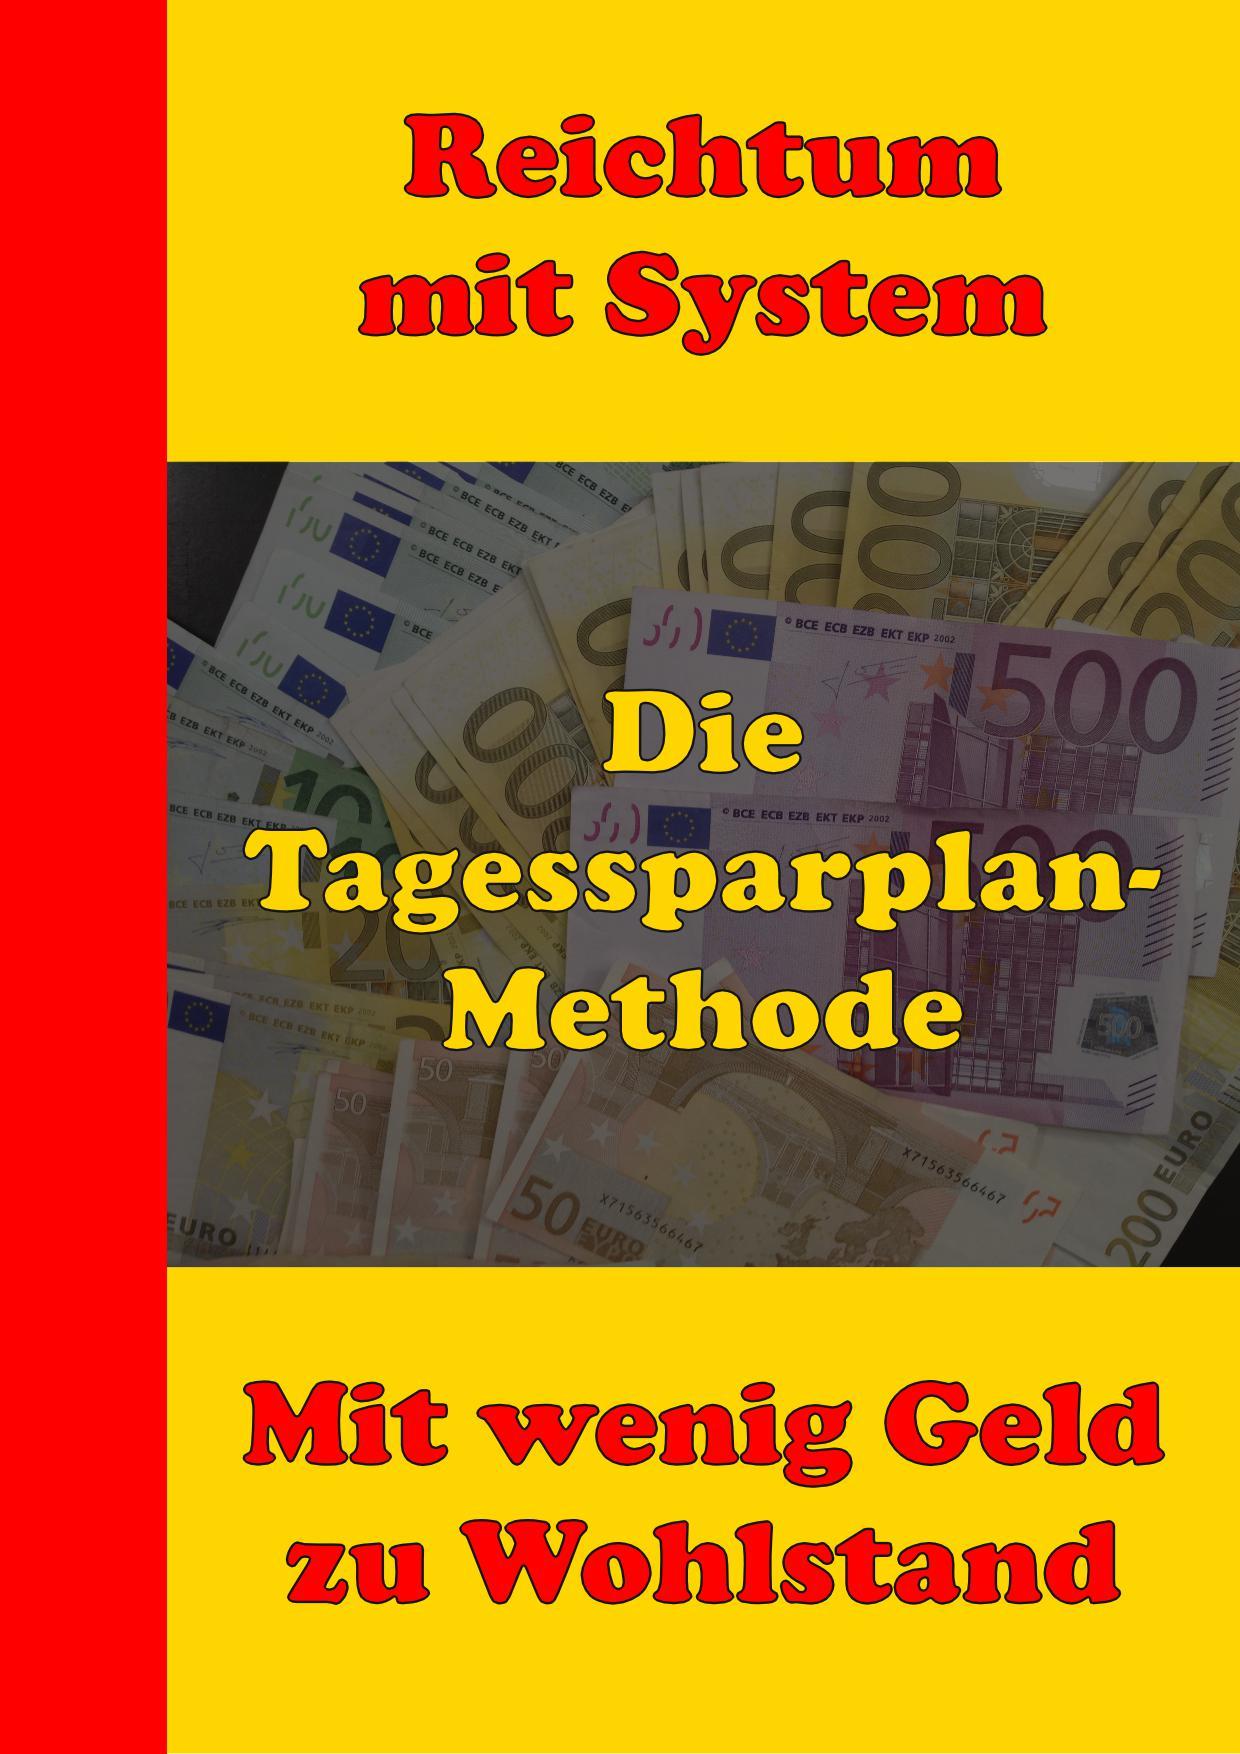 Die Tagessparplan-Methode ist eine Methode mitsamt vielen Techniken und Hilfsmitteln, um Dein Geldbewusstsein drastisch zu verbessern. Damit Du auch mit wenig Geld Deinen Weg machst hin zu Geld, Wohlstand und Reichtum.